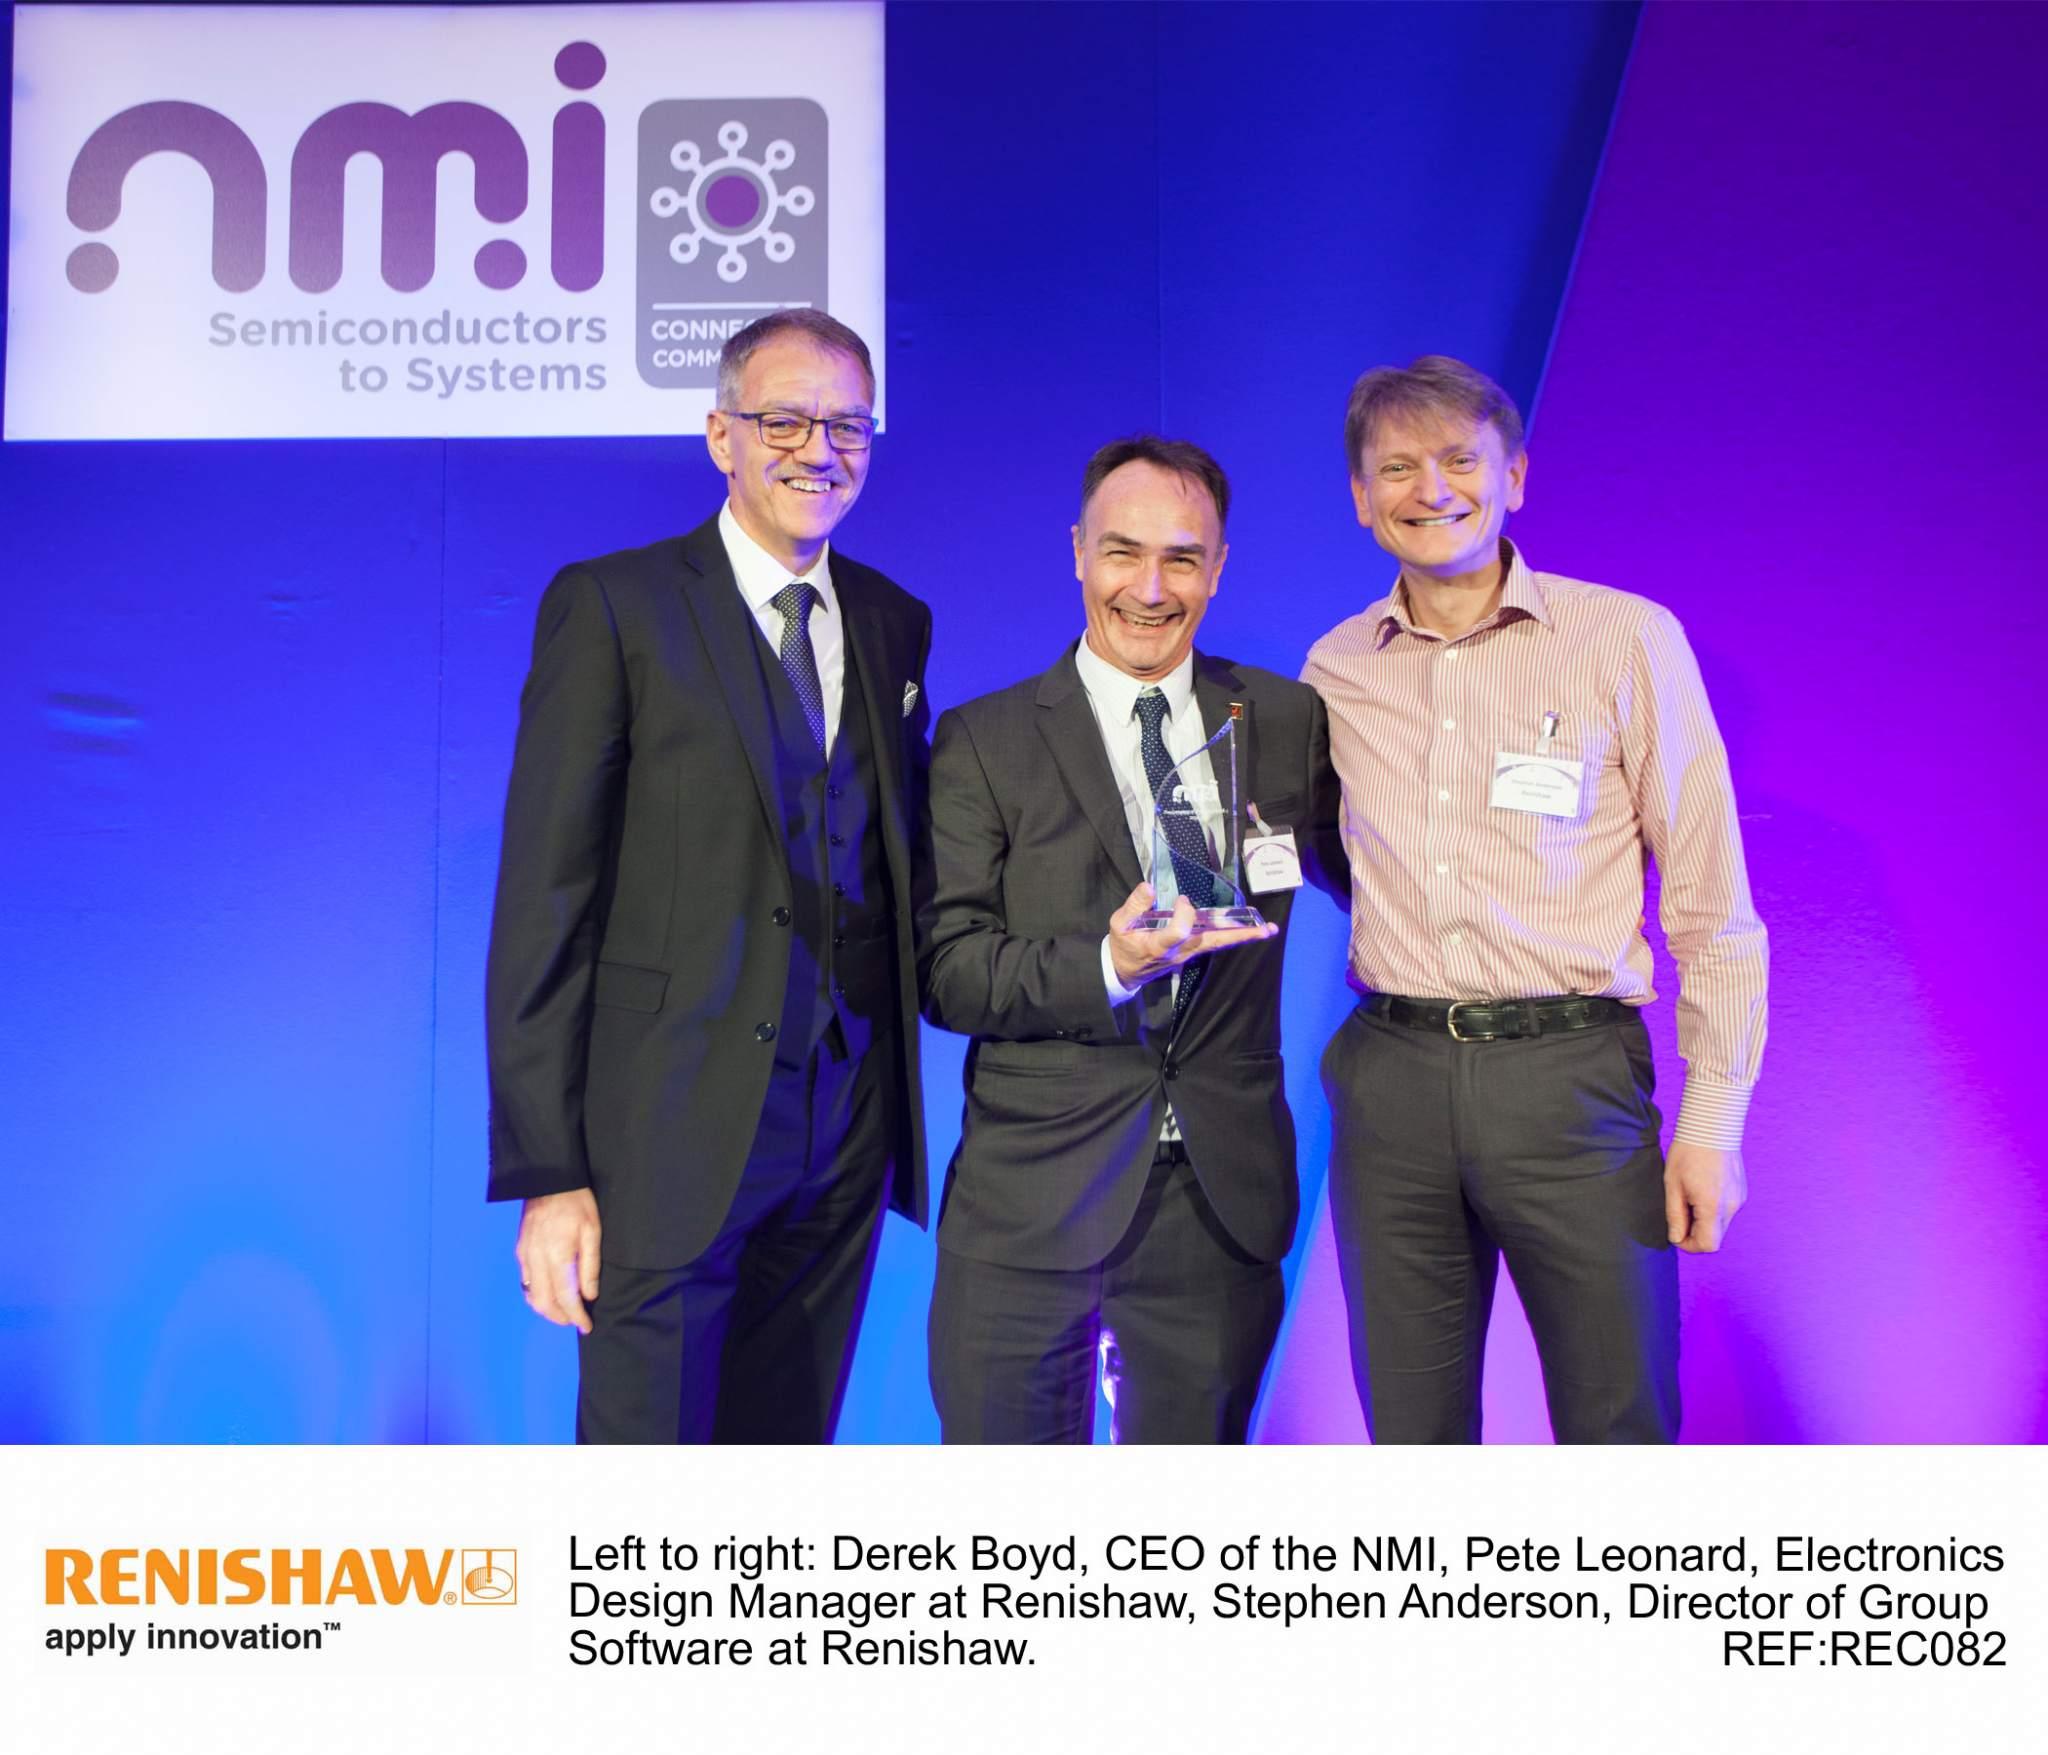 rec082-renishaw-wins-prestigious-company-of-the-year-at-nmi-awards